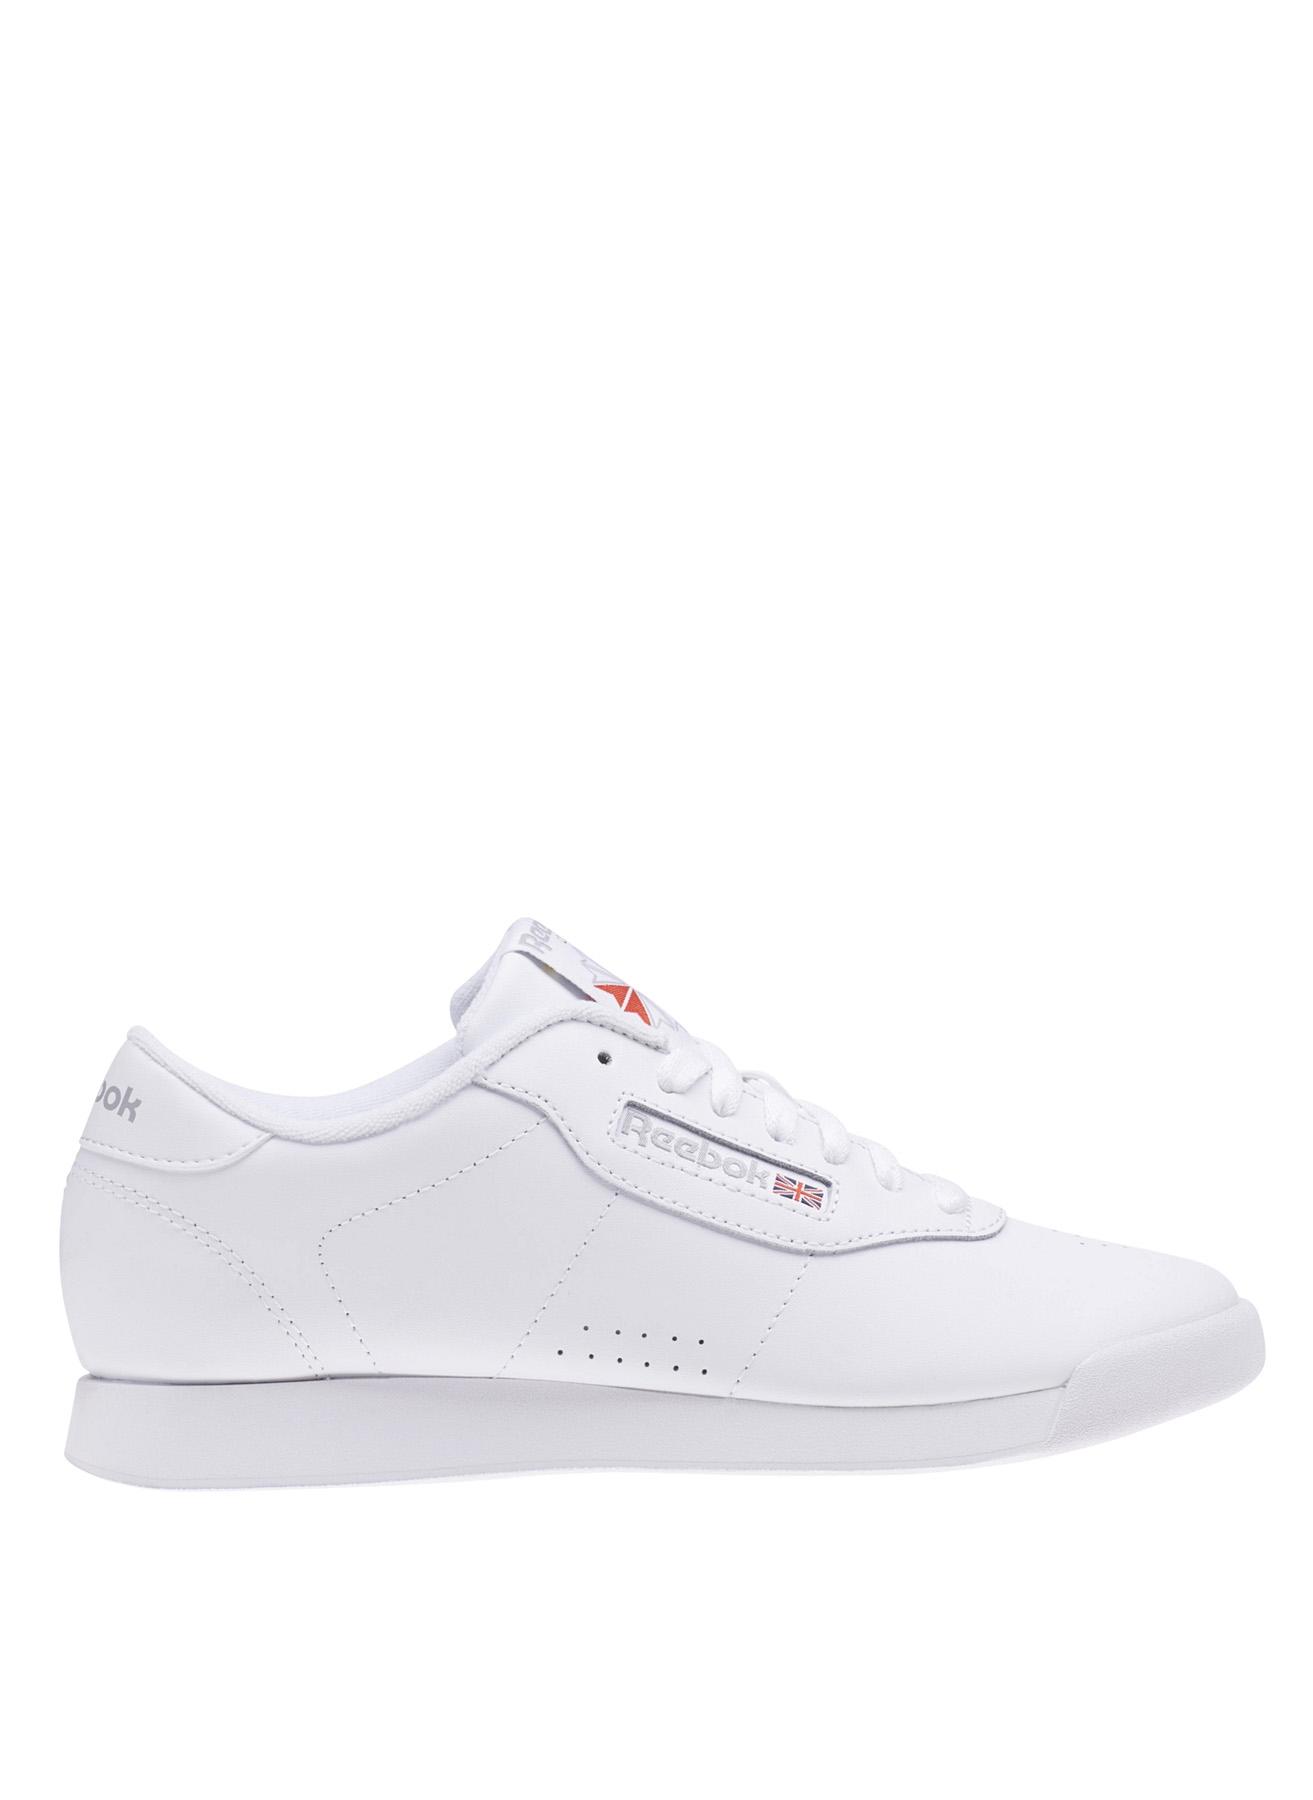 Reebok Princess Lıfestyle Ayakkabı 39 5001633176006 Ürün Resmi